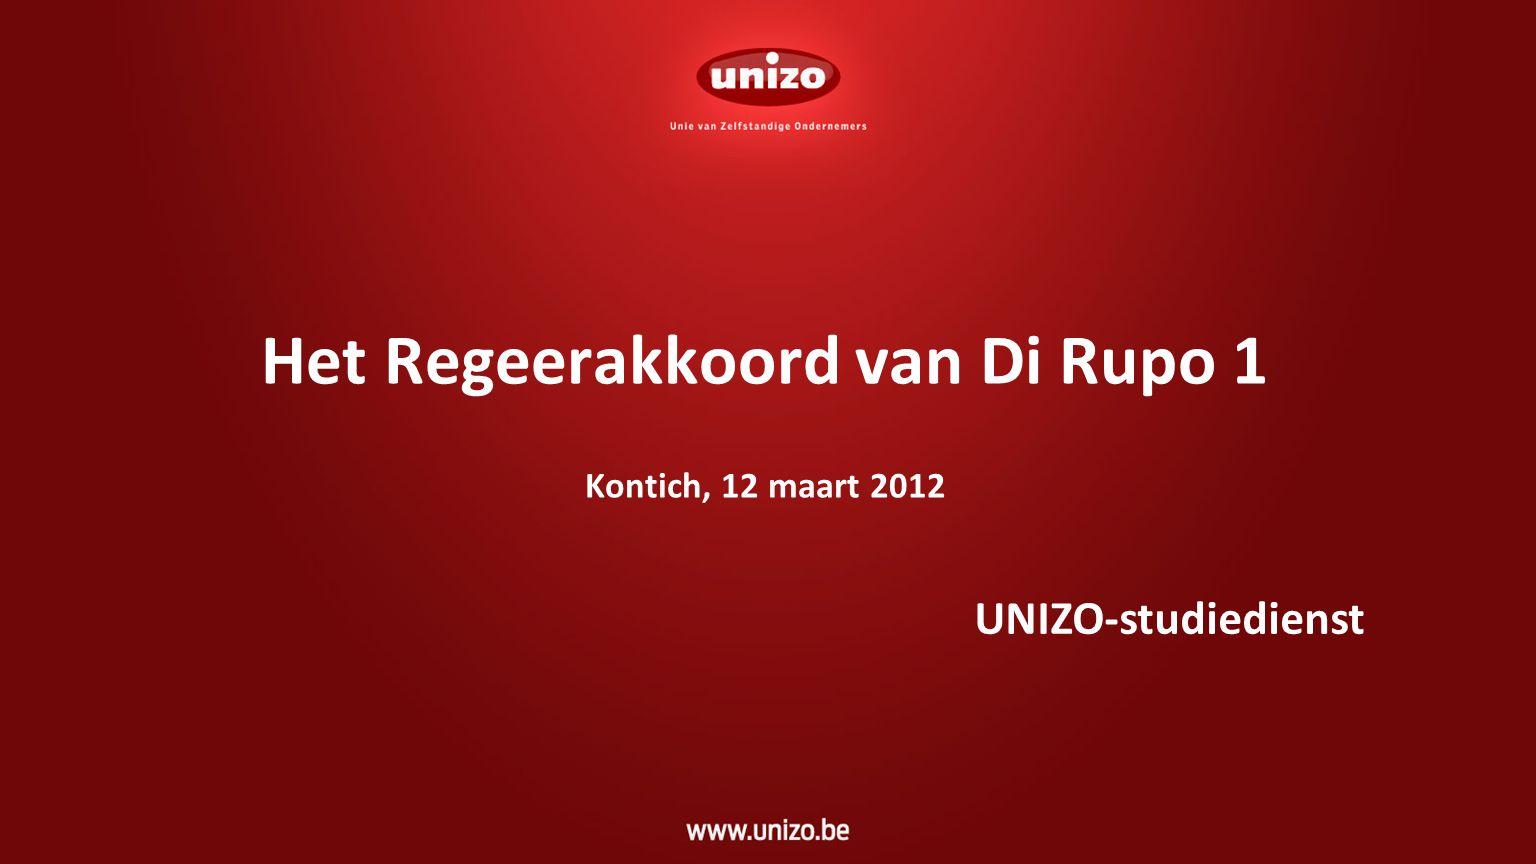 Het Regeerakkoord van Di Rupo 1 Kontich, 12 maart 2012 UNIZO-studiedienst